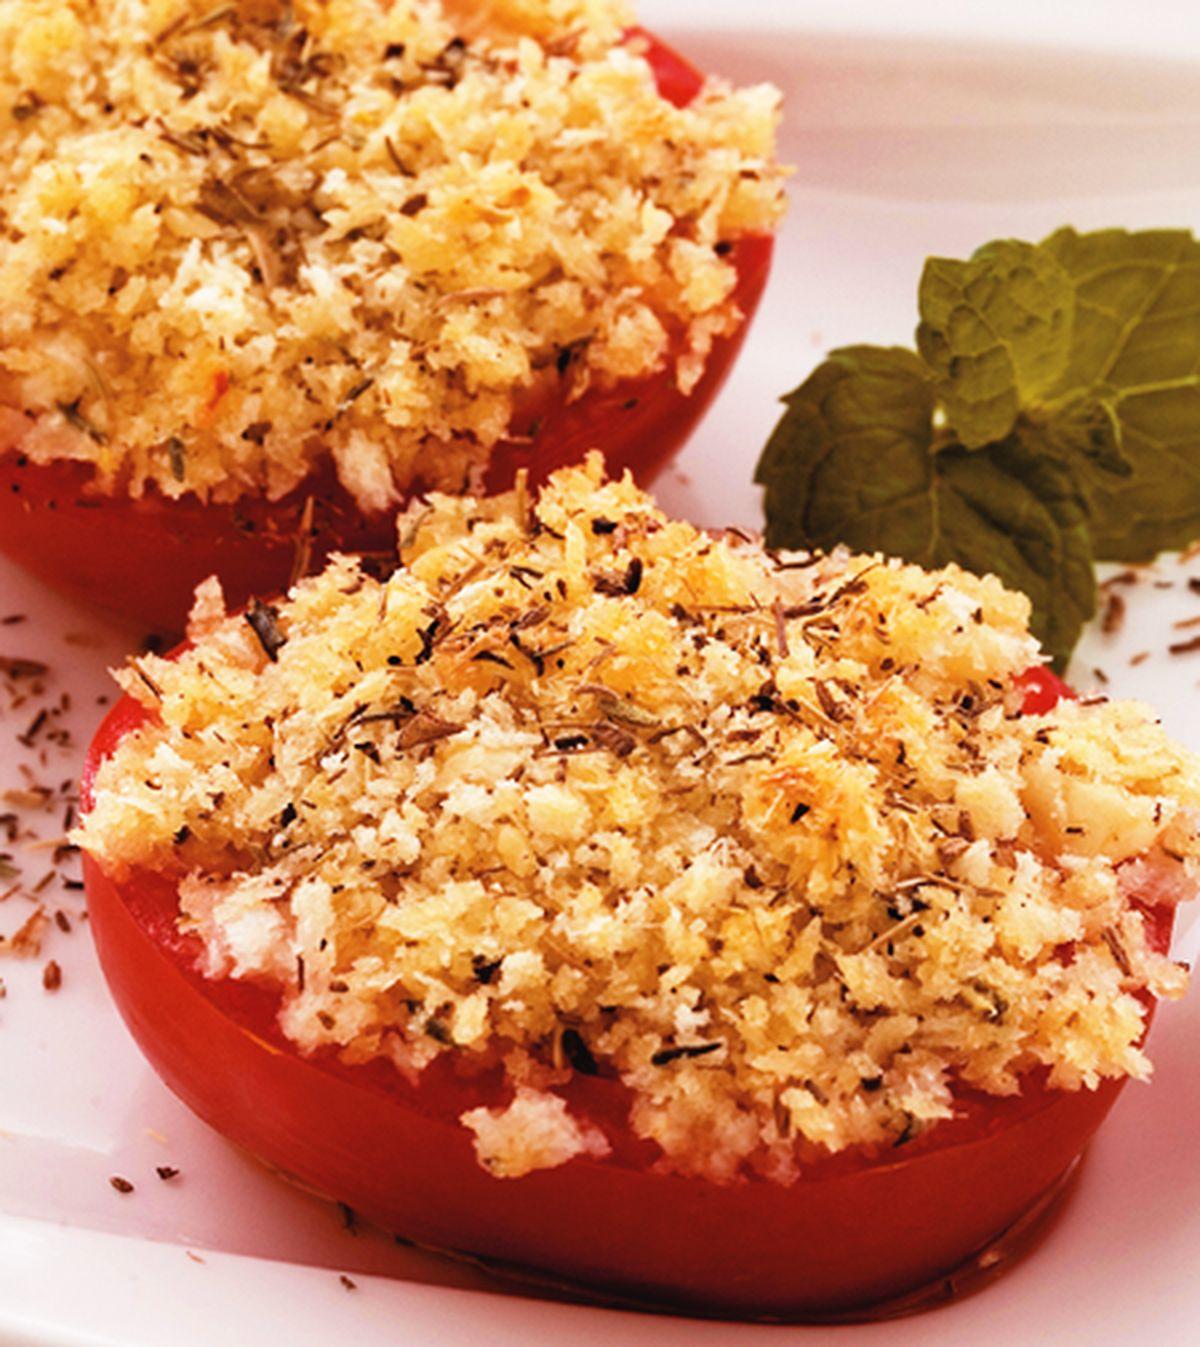 食譜:香烤普羅旺斯蕃茄